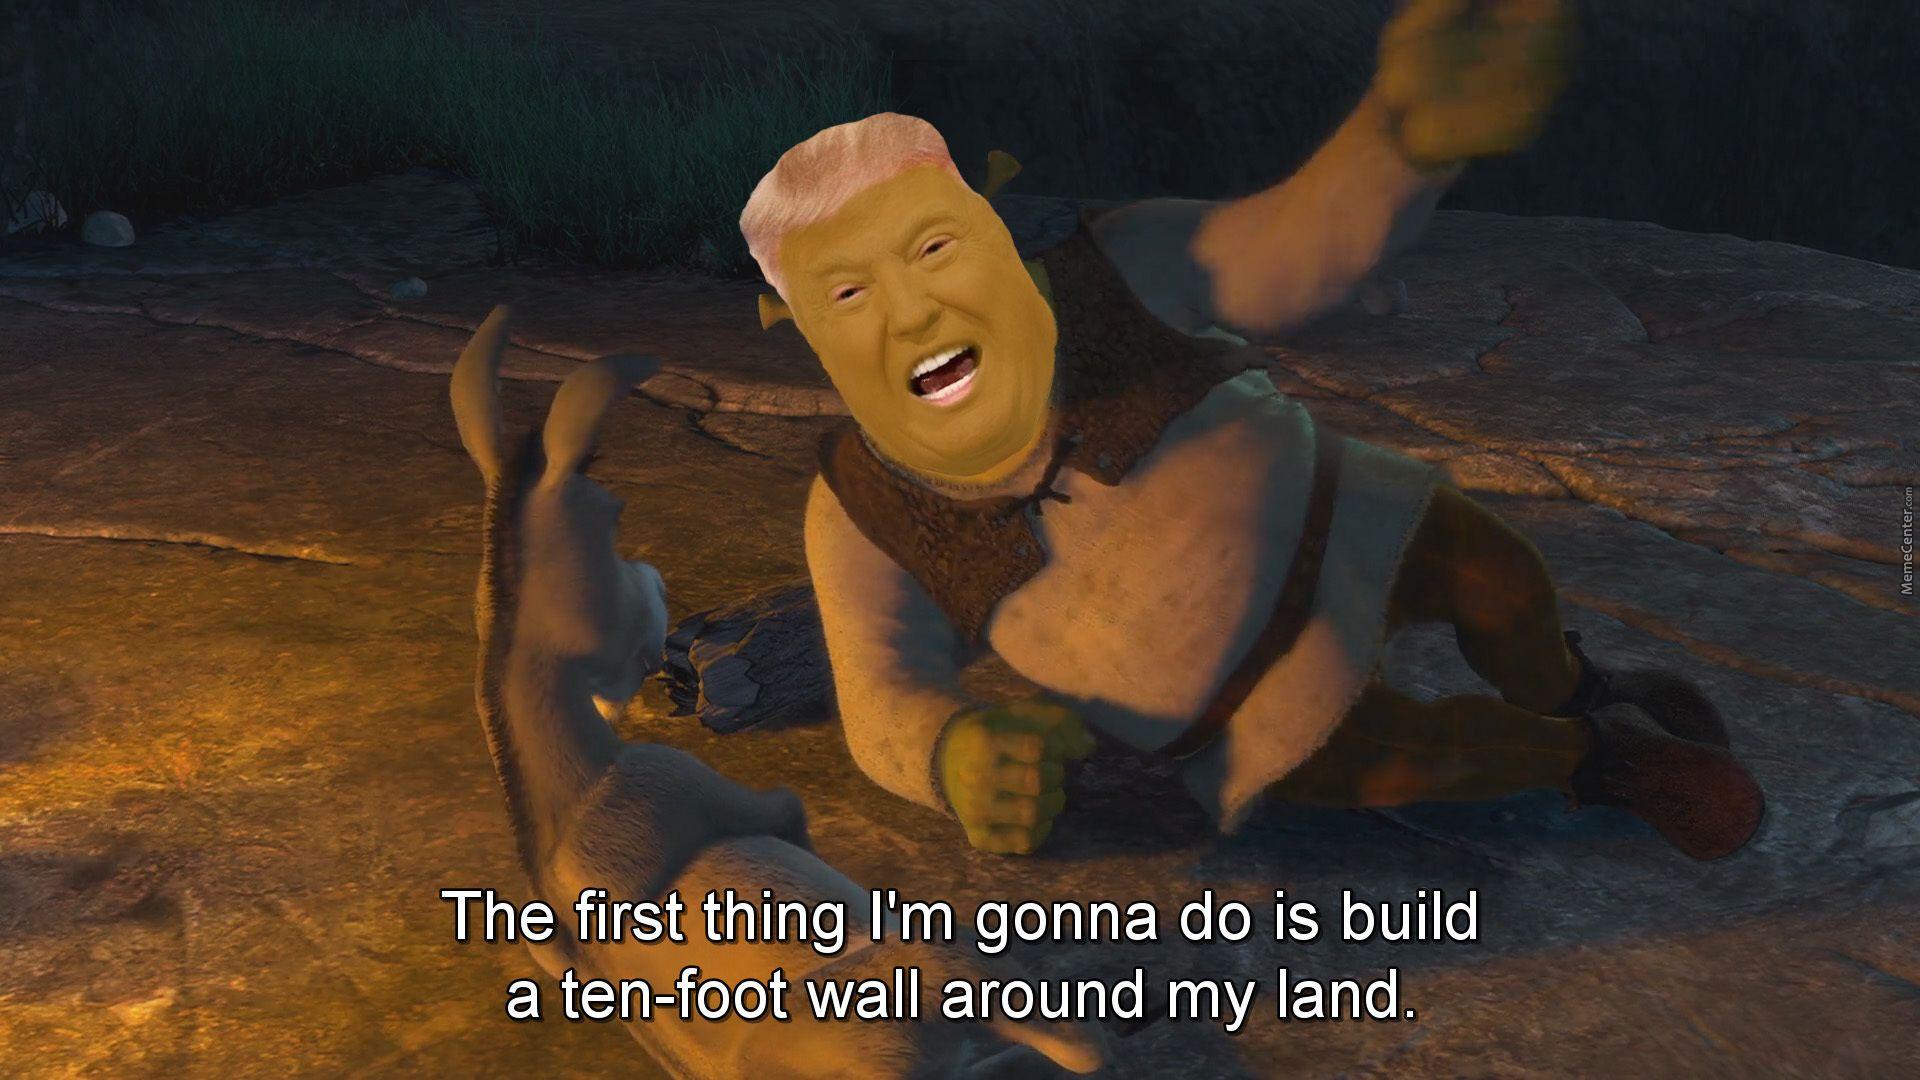 Funny Meme Pages : Image result for shrek memes memes pinterest shrek donald